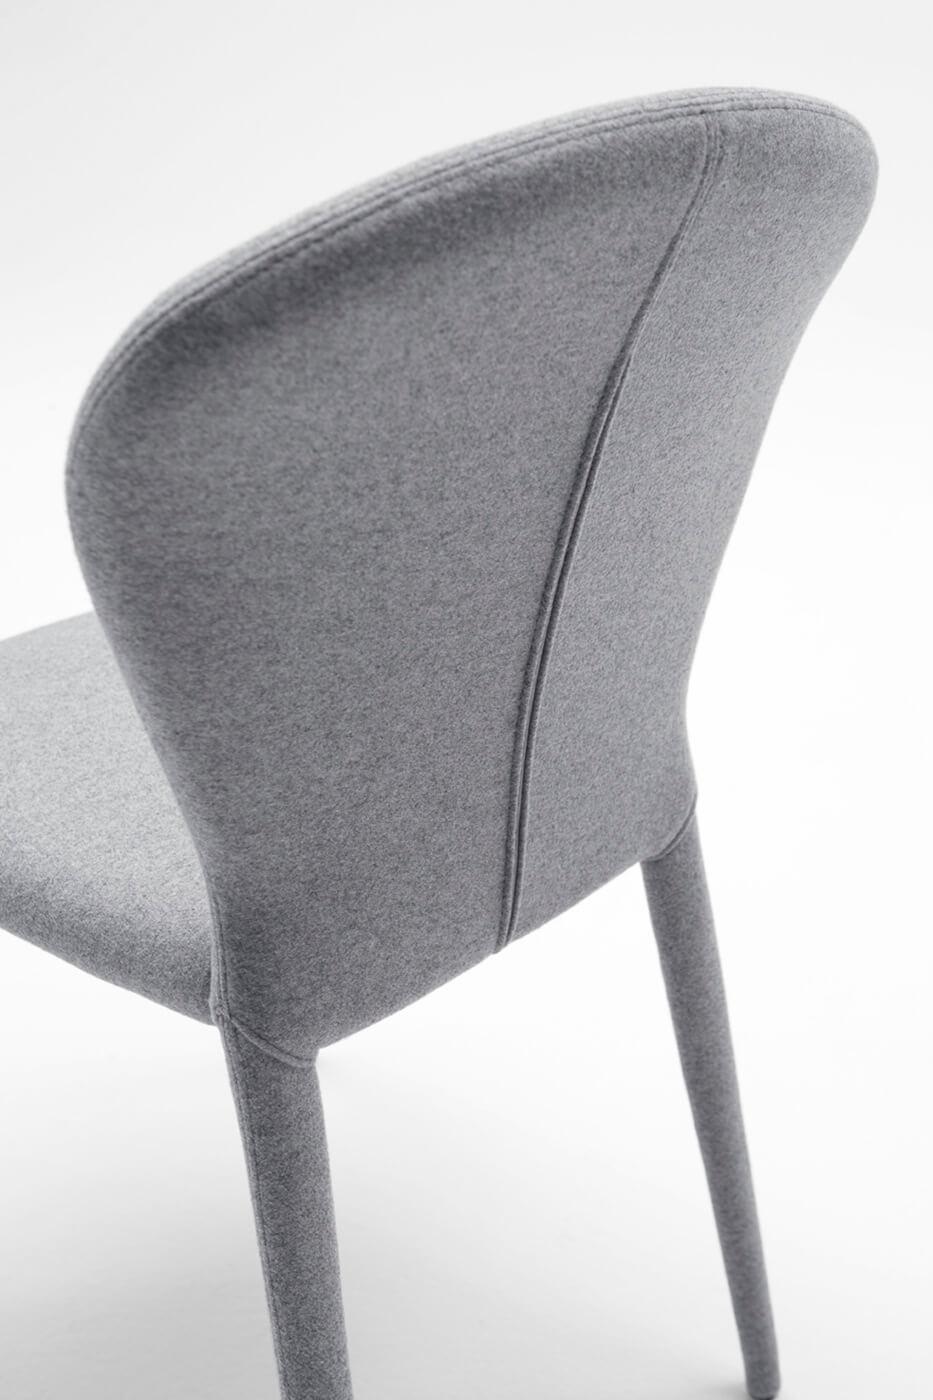 Dettaglio retro schienale sedia Soffio completamente rivestita in tessuto grigio